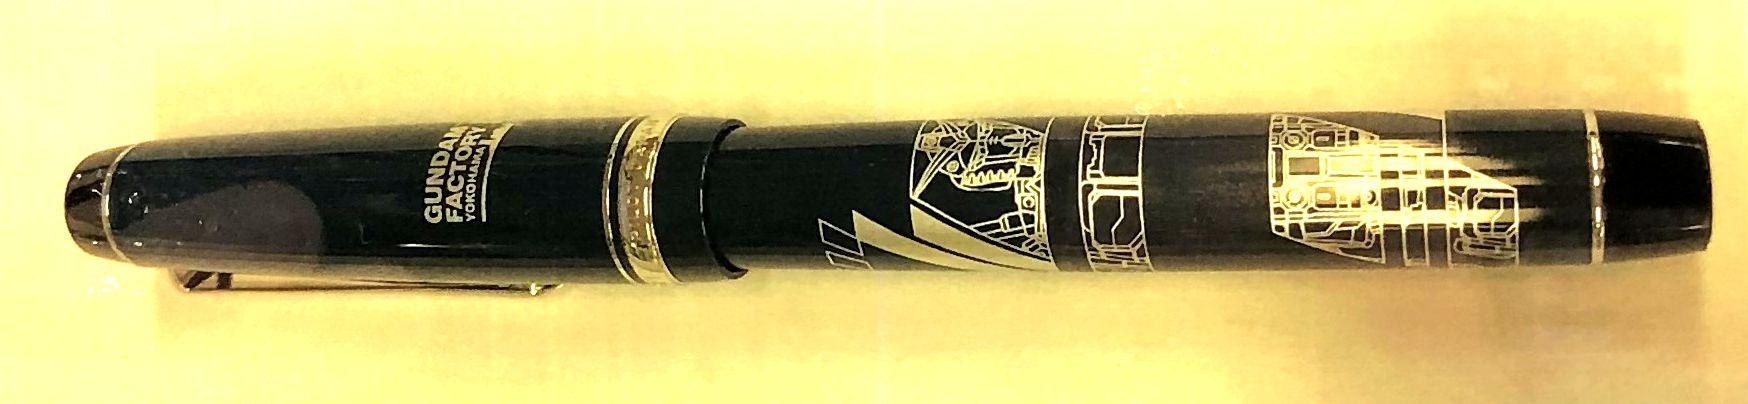 ※この商品は発送まで7-10日かかる場合があります。 【取寄品】ガンダムファクトリー限定 万年筆 RX-78F00 ガンダム 機動戦士ガンダム